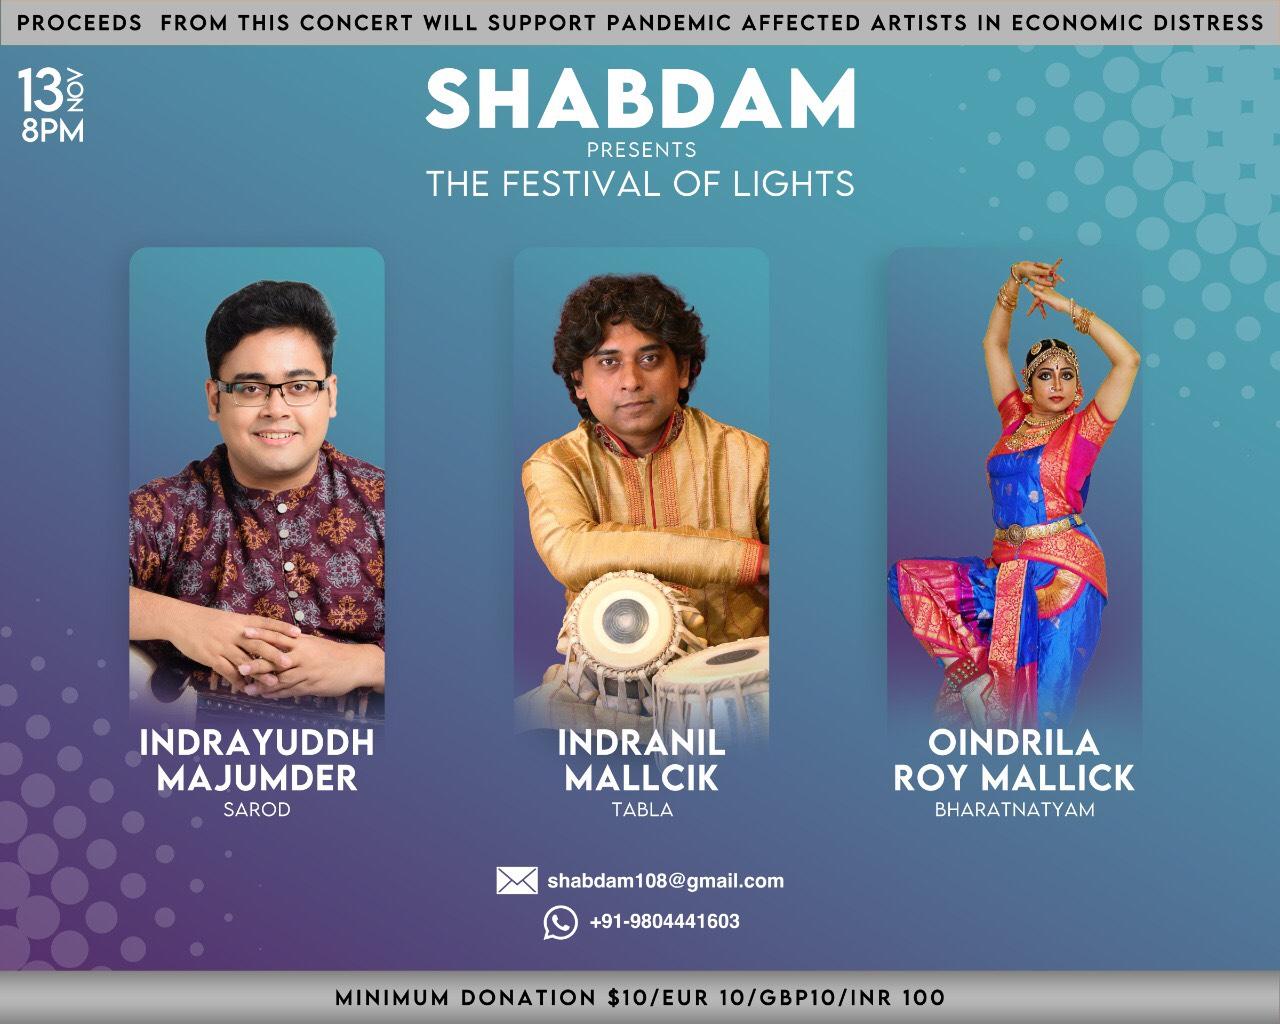 shabdam-festivaloflights-nov132020